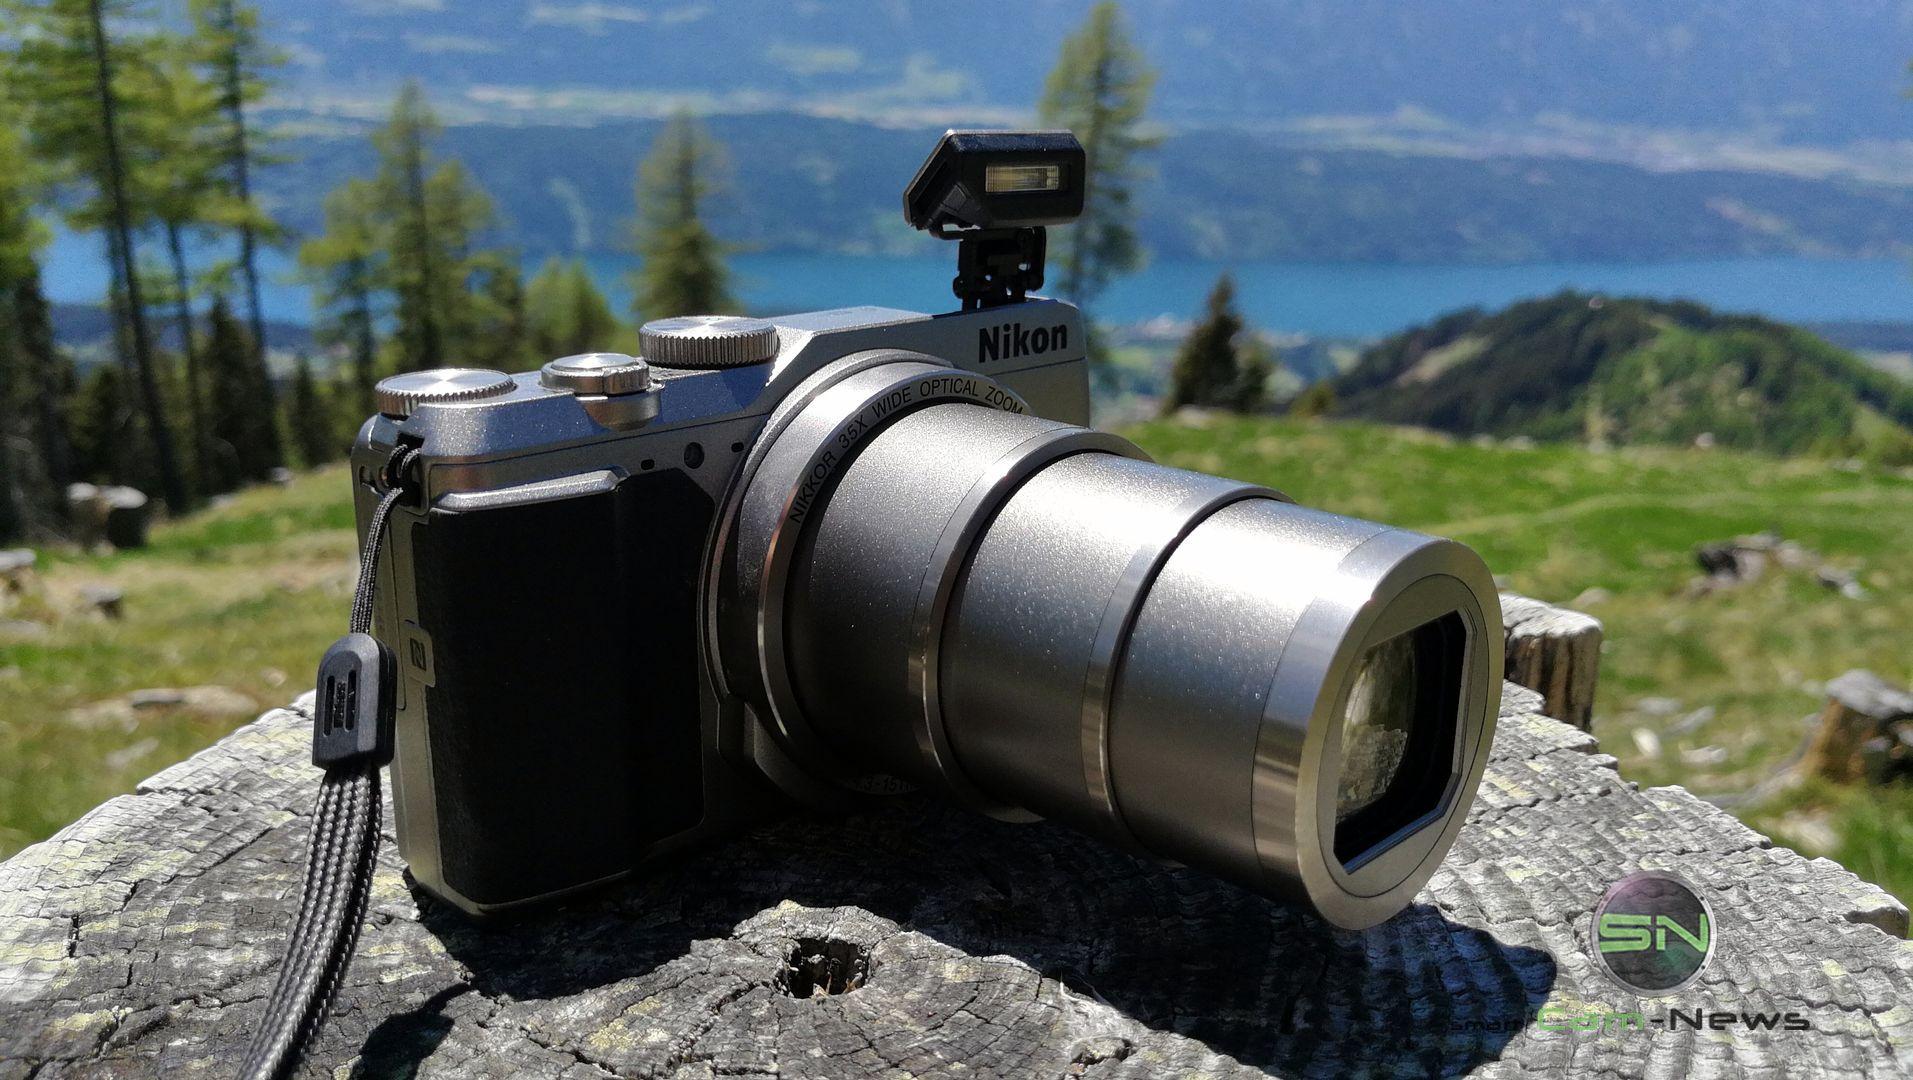 MegaZoom Pocket Kamera Nikon Coolpix A900